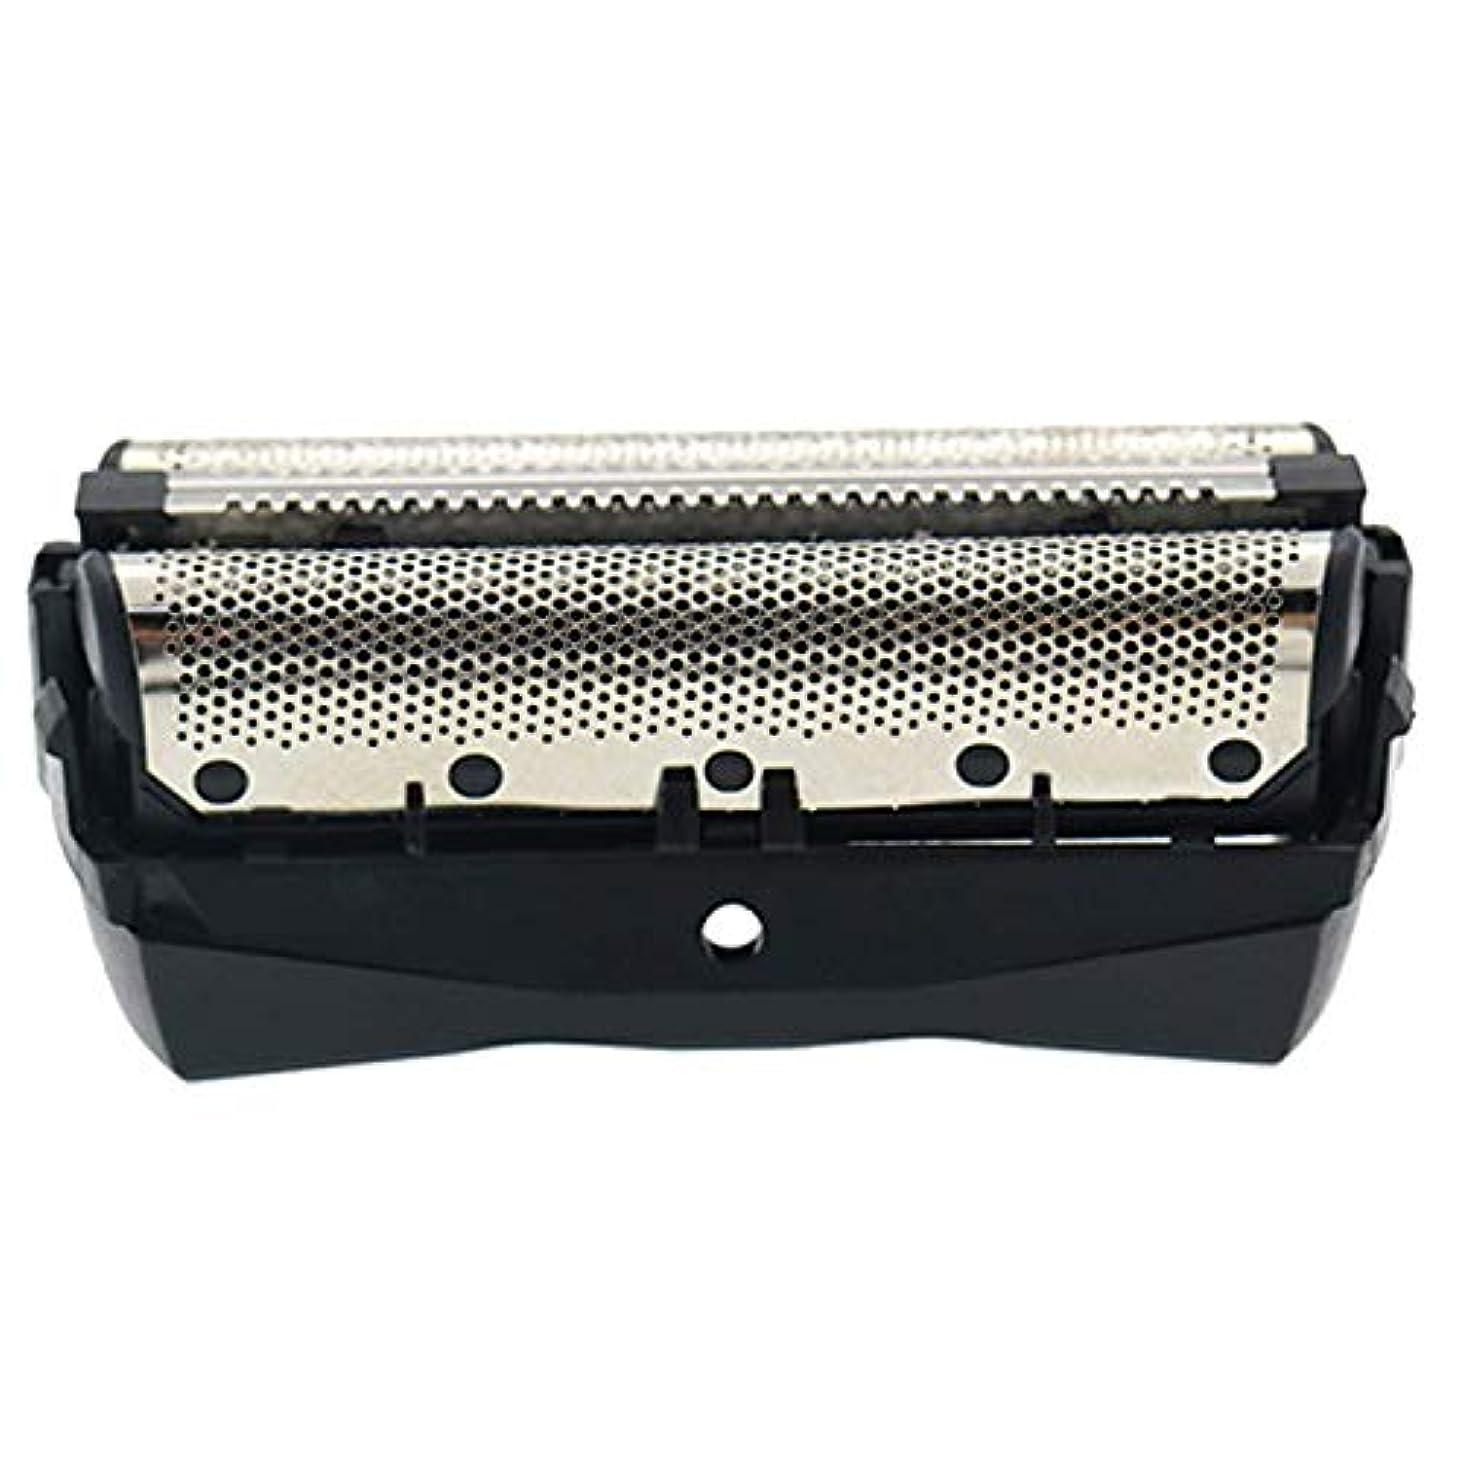 ハム助言するくちばしVINFANY メンズシェーバー用替刃(外刃) 適用する フィリップスQC5550用交換シェーバーフォイル/カッターユニットシェーバーヘッドQC5580メンズトリマー用回転ブレード